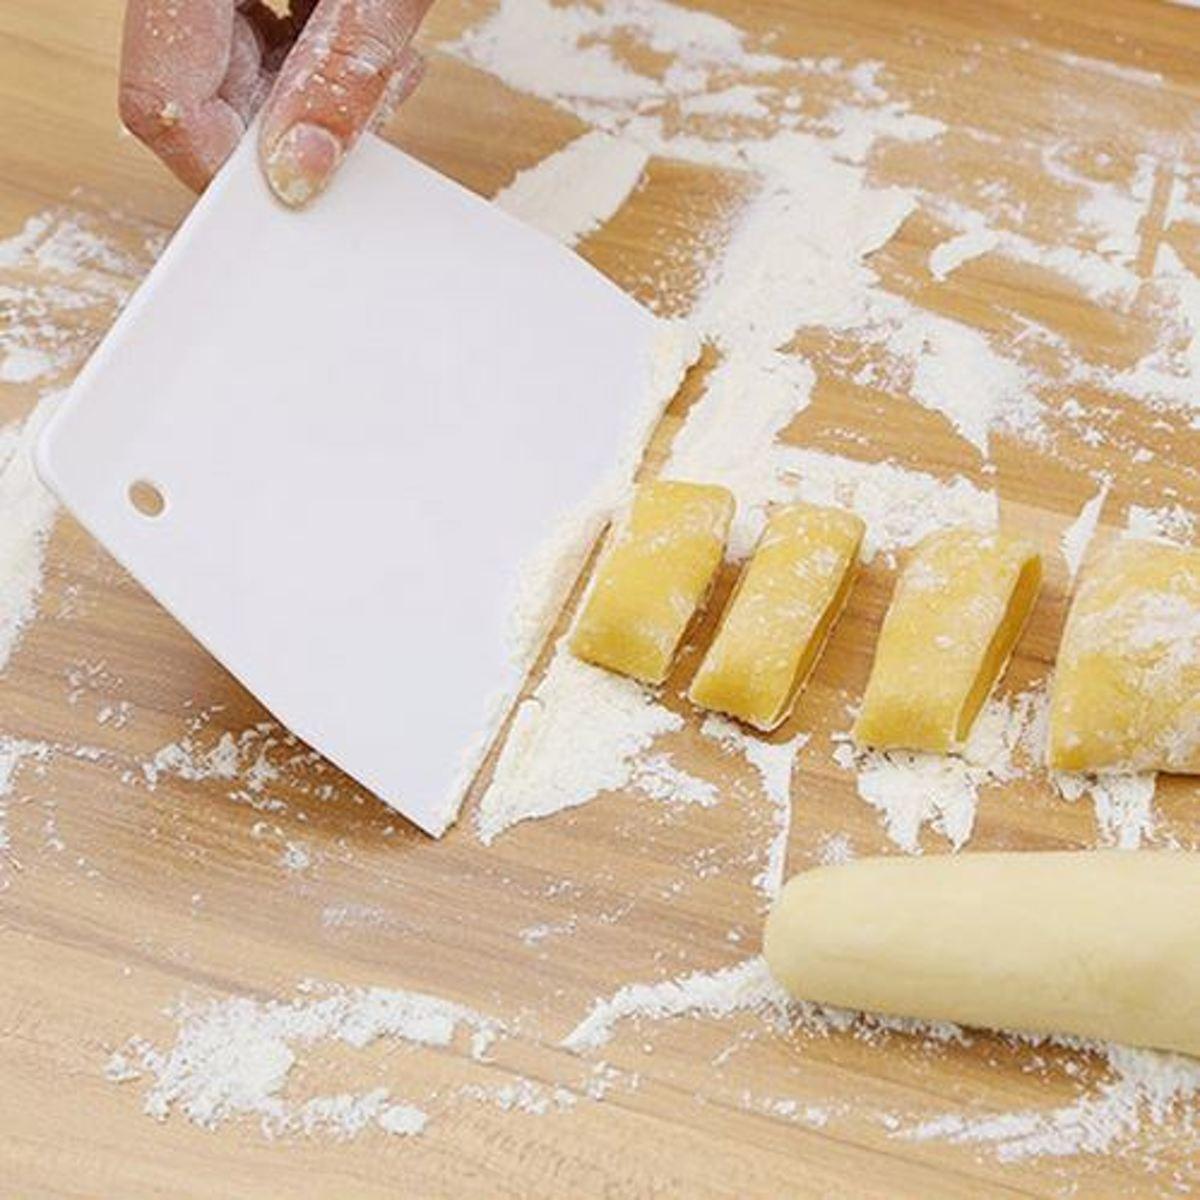 Deegschraper - Kunststof Schraper voor taart / icing / cake / deeg - Deeg snijder - Deegkrabber - Deeg cutter Keuken tool kopen